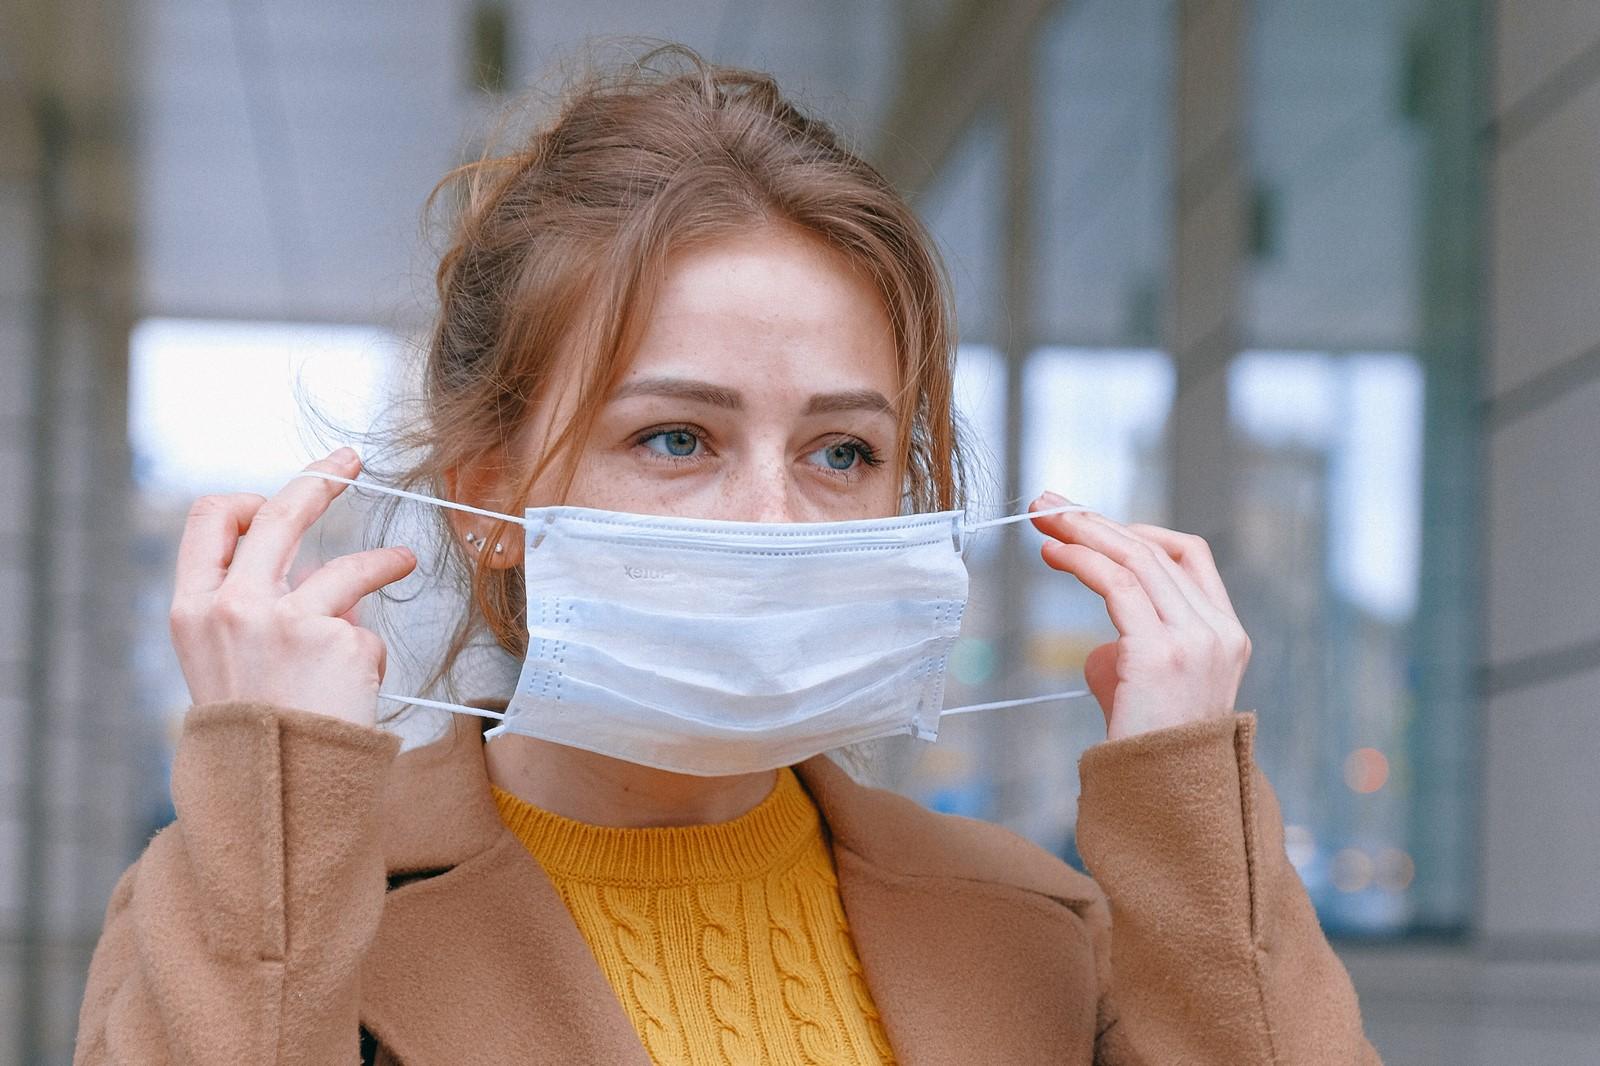 Amerykañscy naukowcy uwa¿aj±, ¿e ryzyko zara¿enia koronawirusem w samolocie jest niewielkie